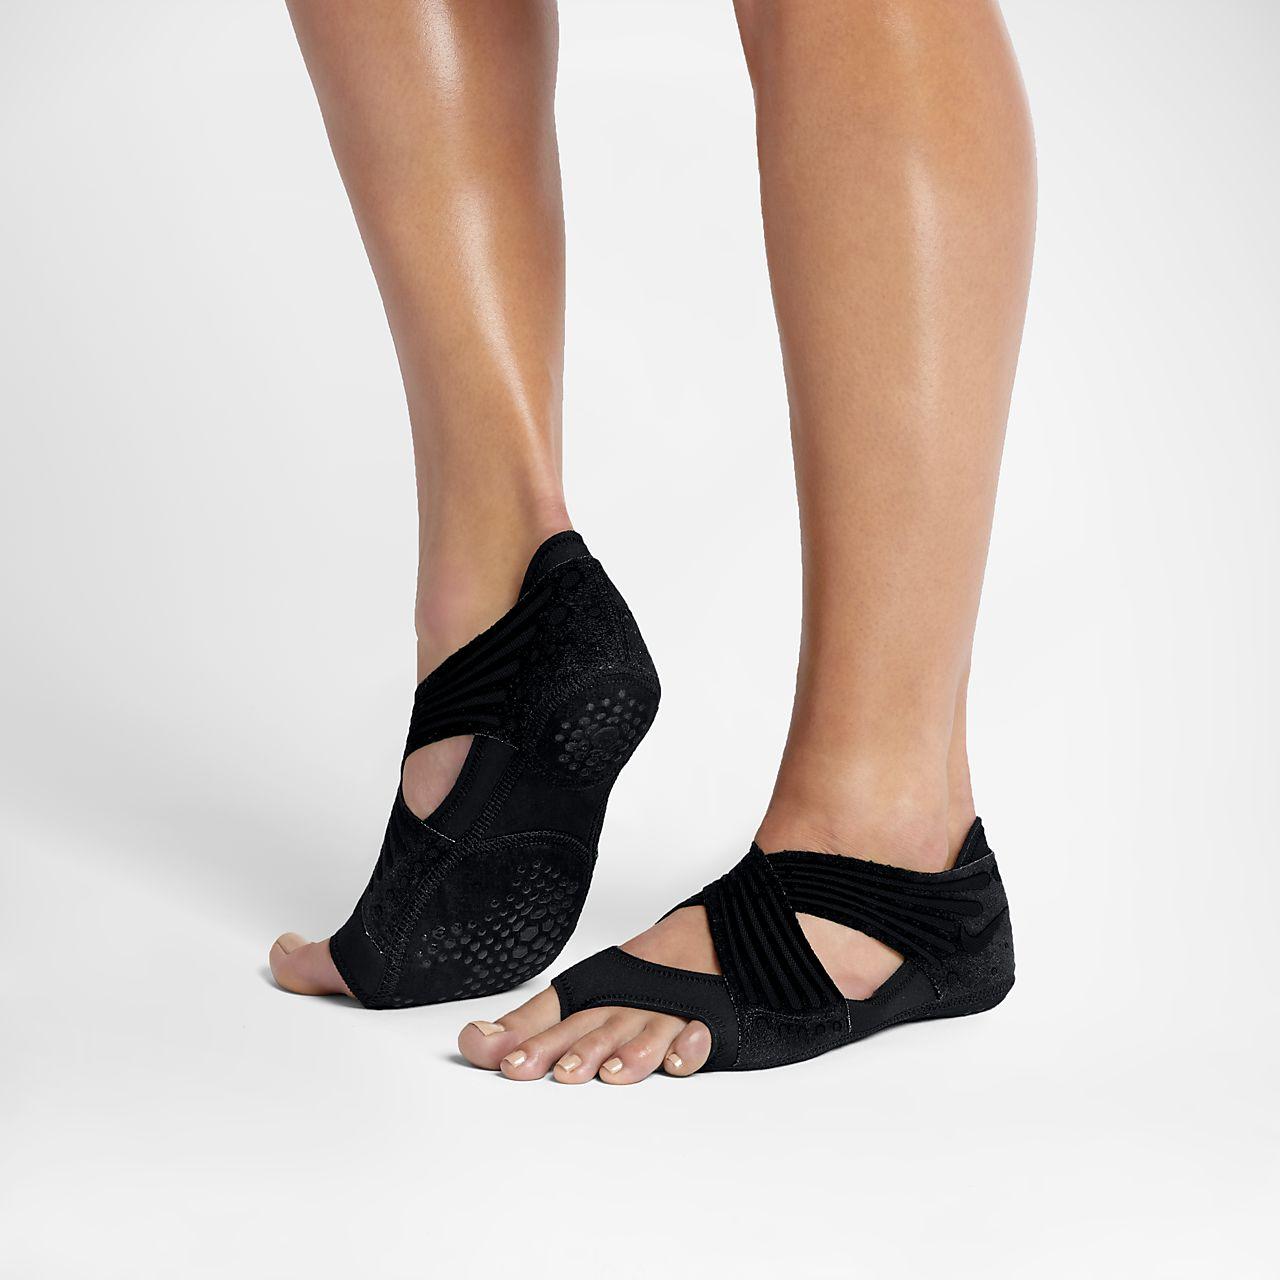 Nike Gymnastics Shoes